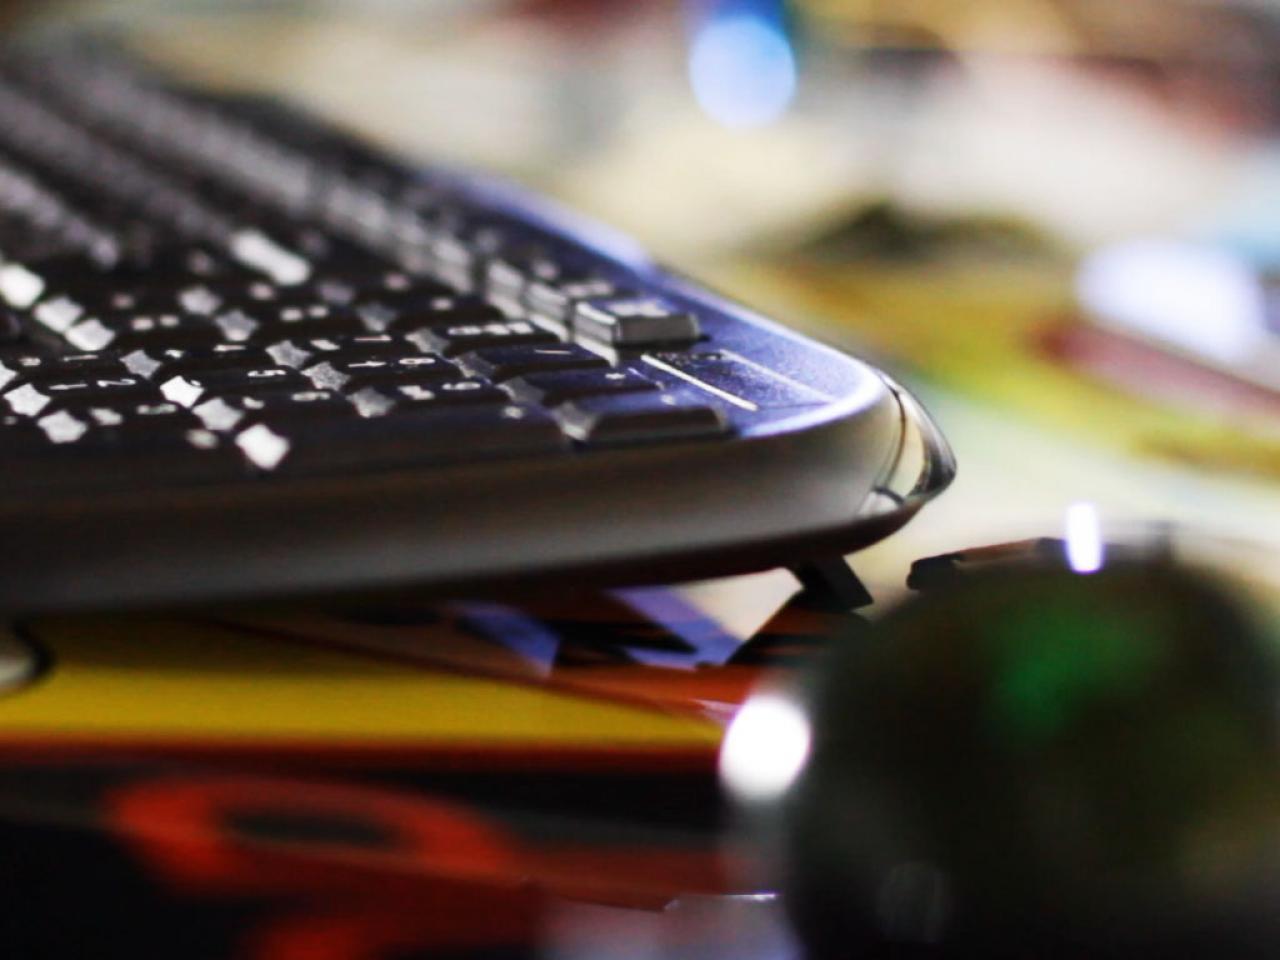 Imagen de Edici�n de video por Movidagrafica